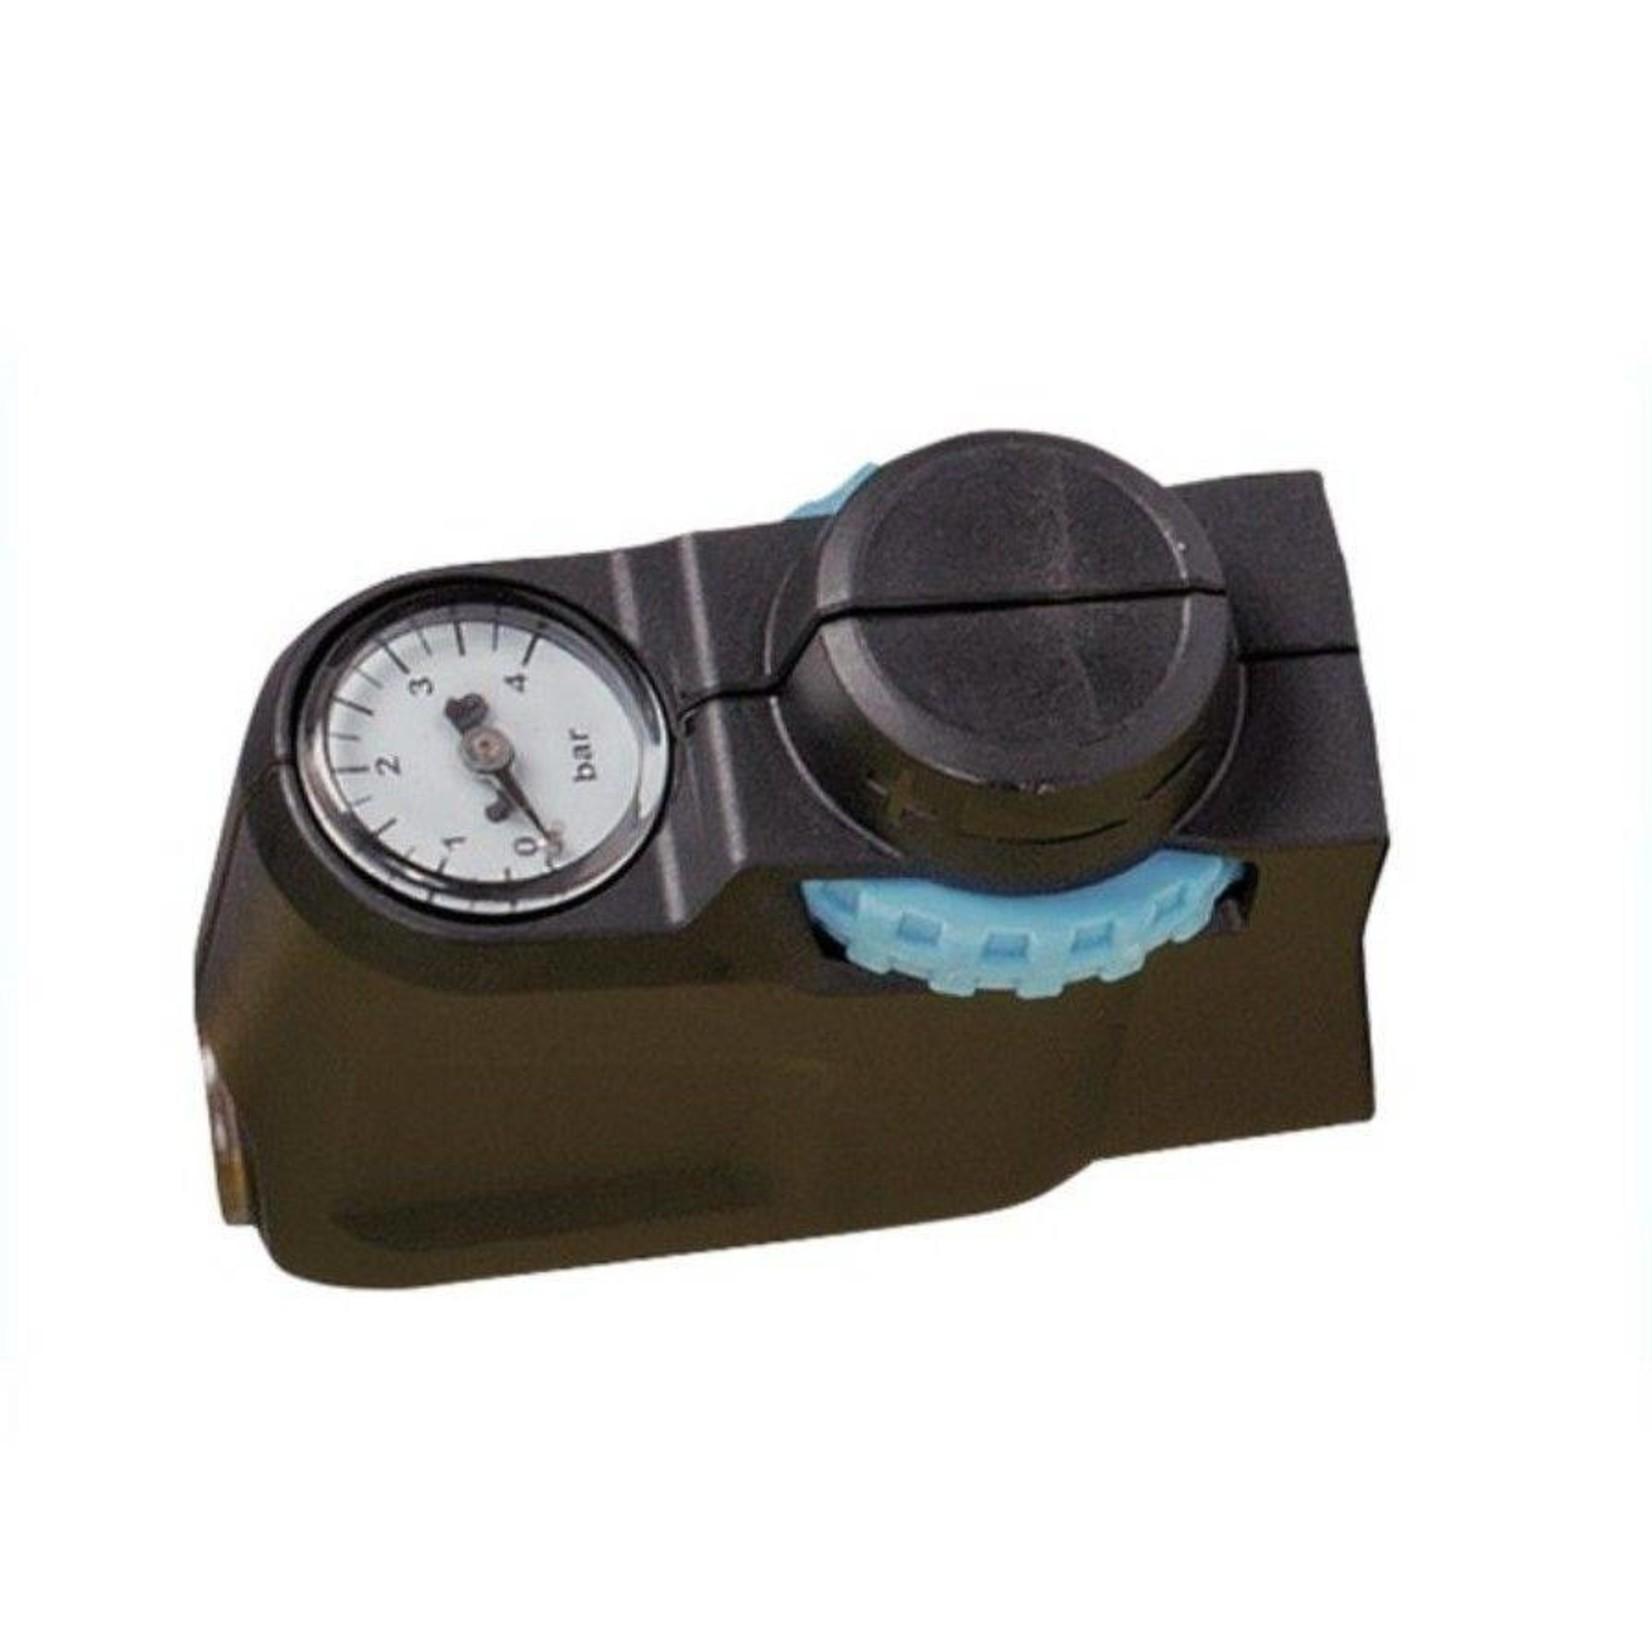 Gloria onderdelen Drukregelaar met manometer los voor op knijpkraan